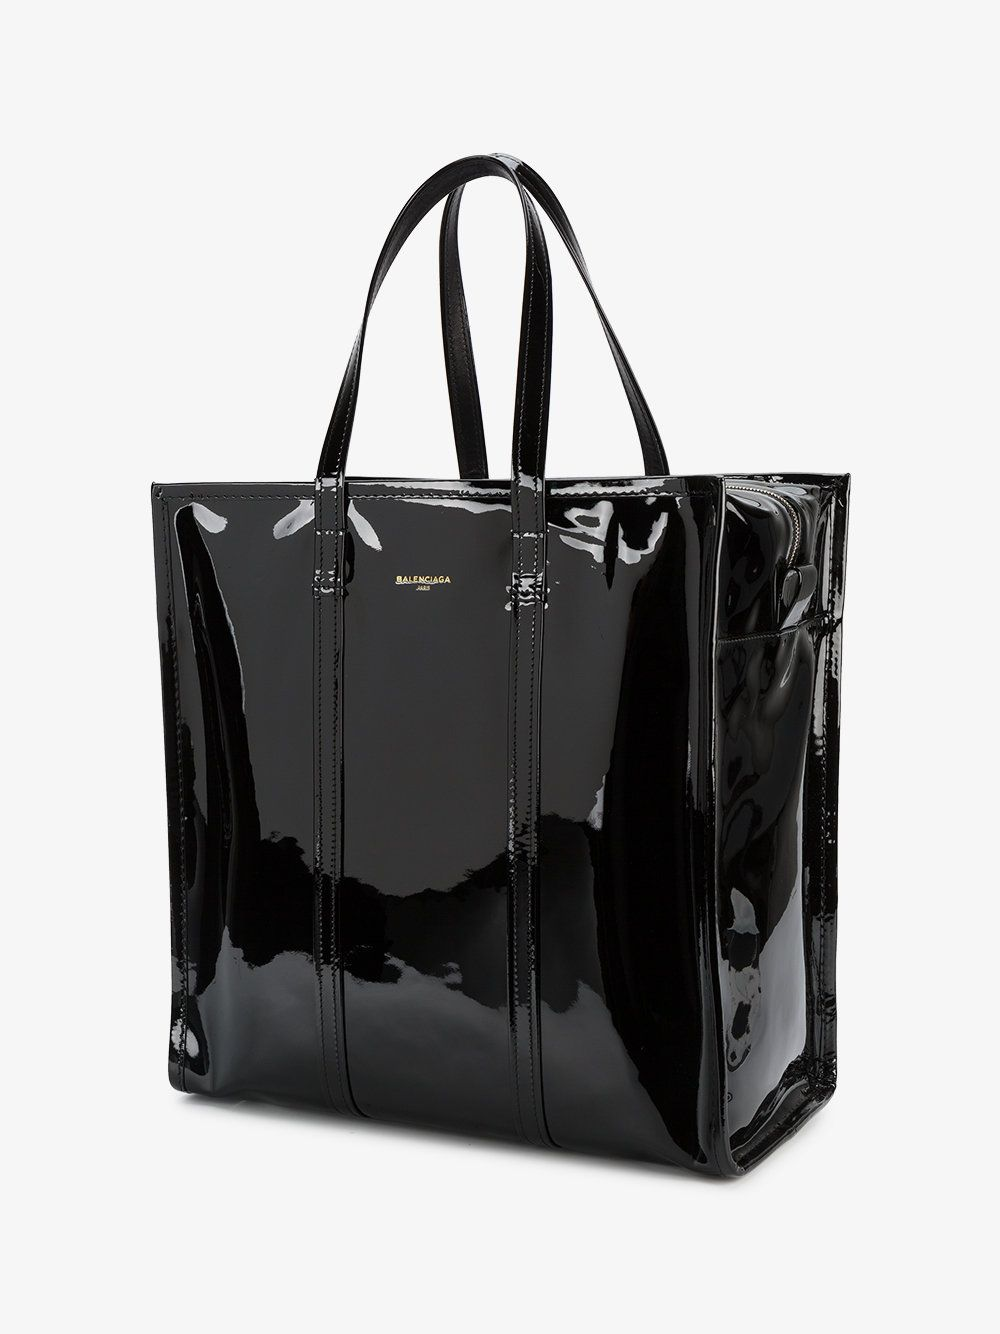 black patebt bag abd shoes